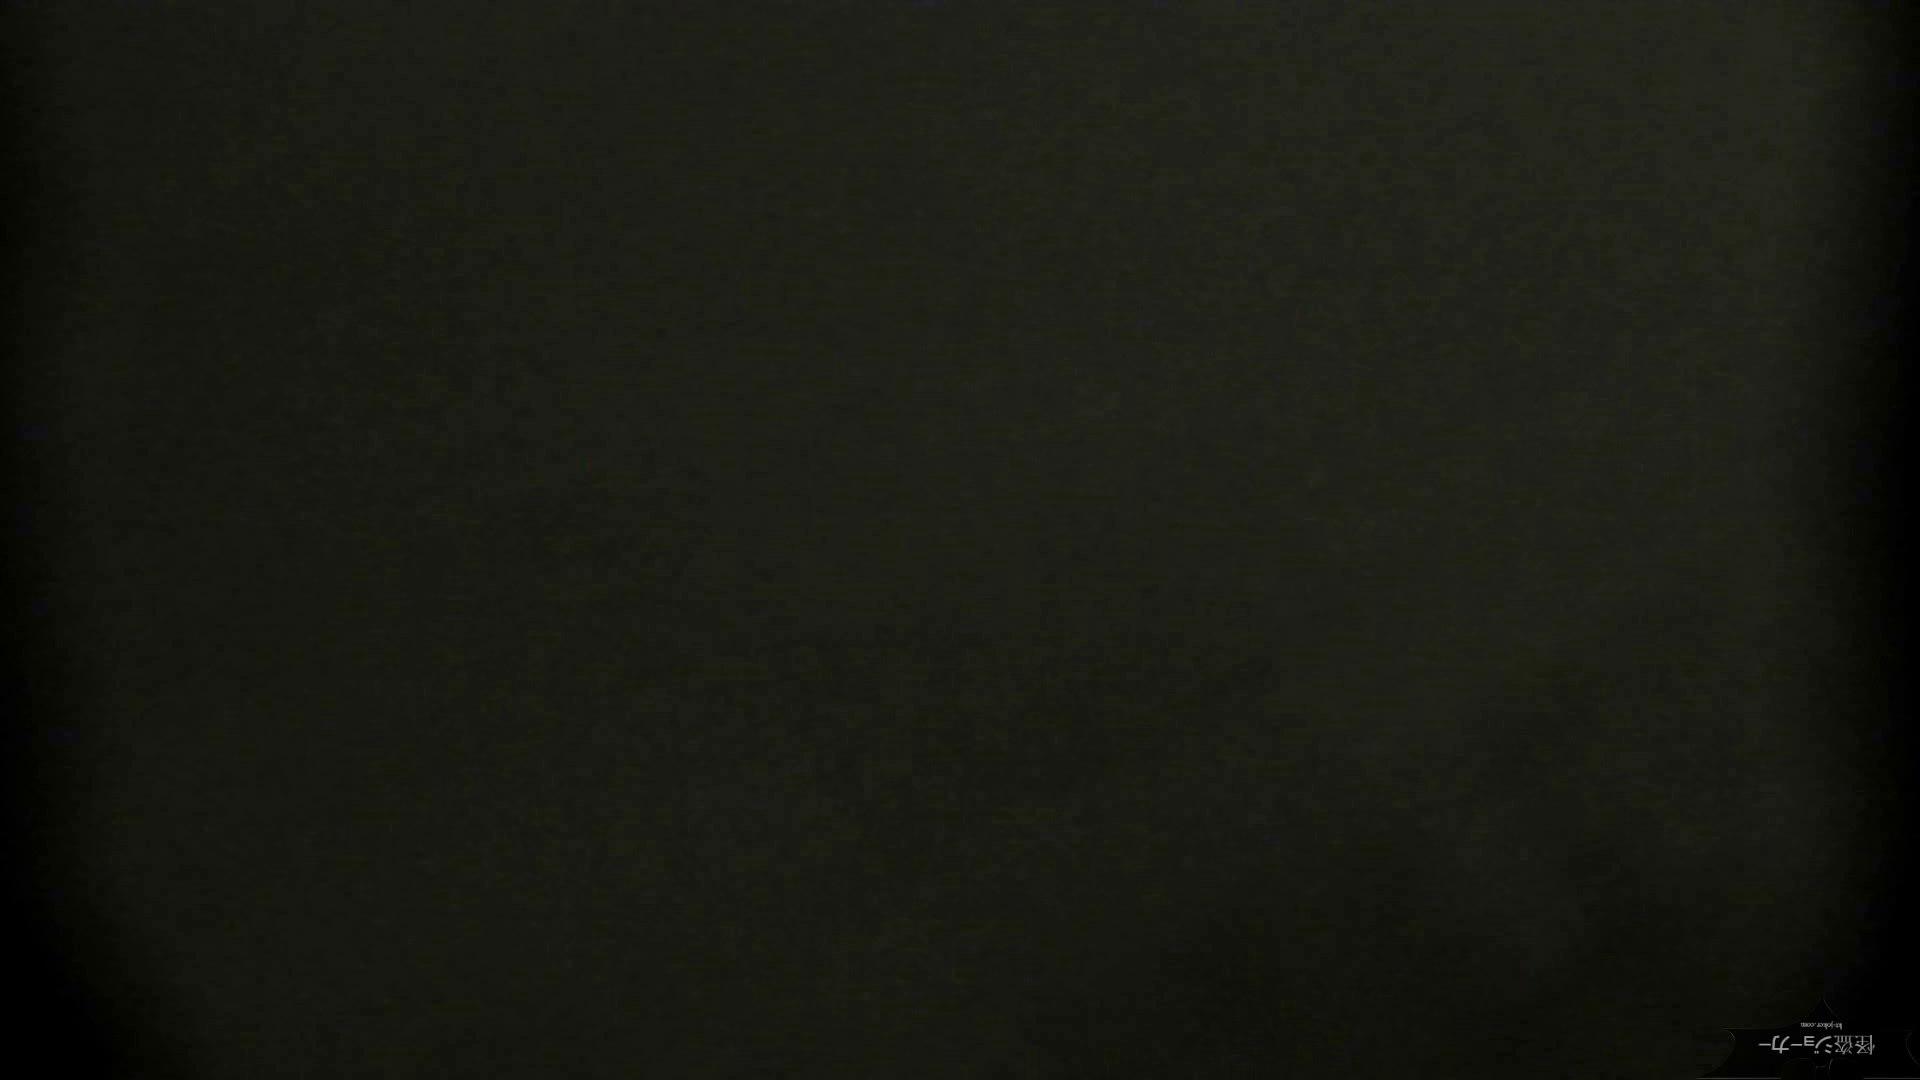 【美しき個室な世界】洗面所特攻隊 vol.051 ギャル達 おまんこ動画流出 100枚 44